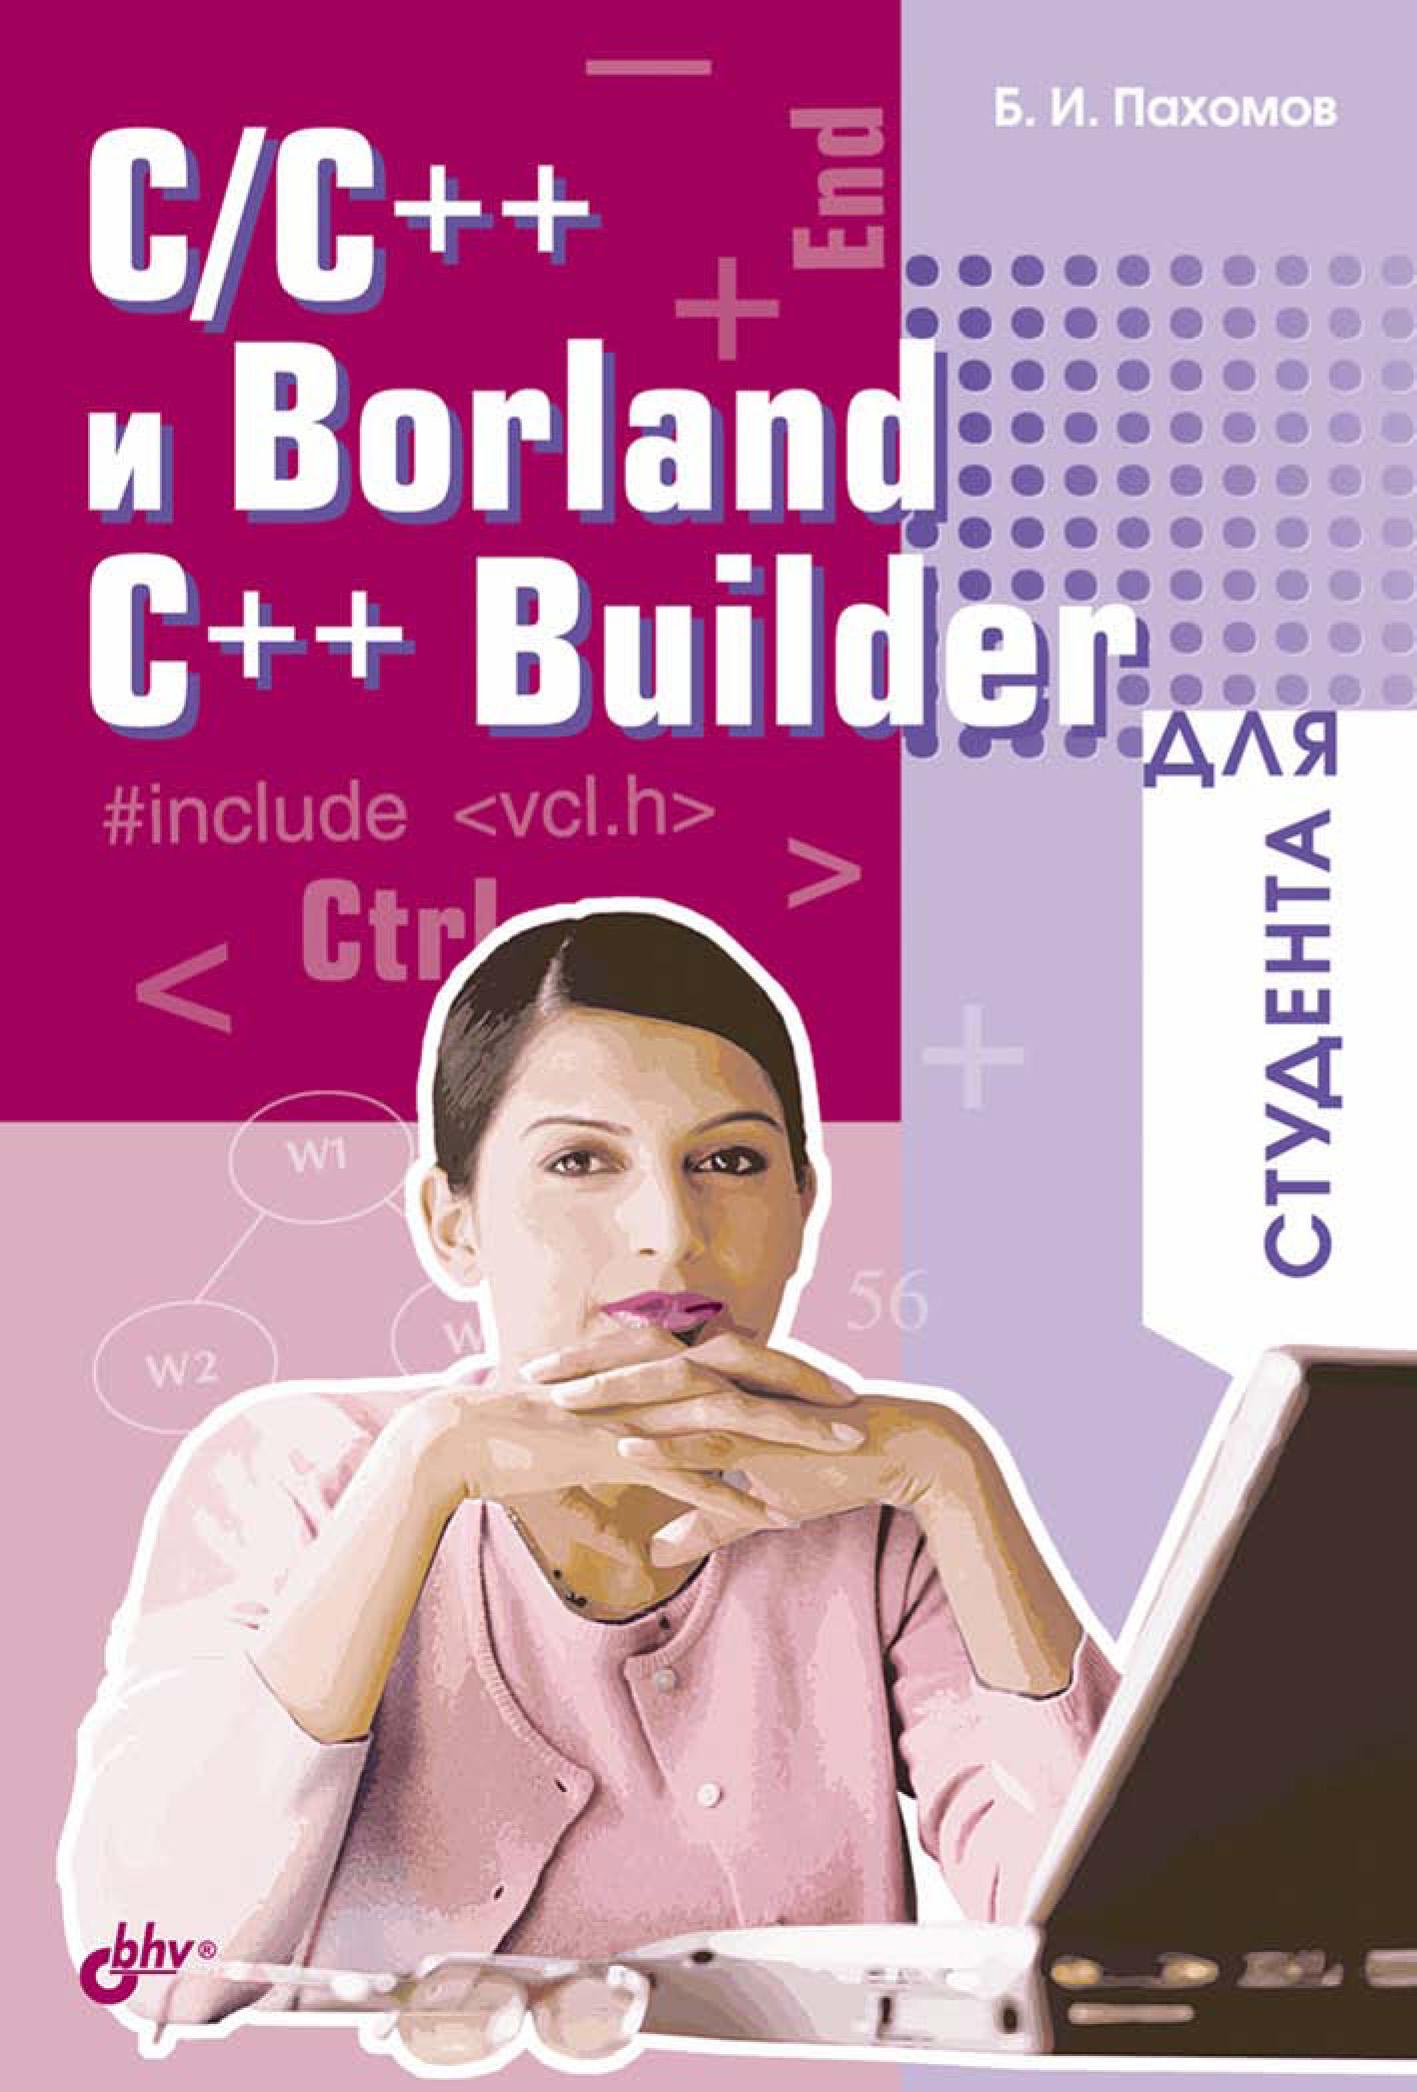 цены Борис Пахомов C/C++ и Borland C++ Builder для студента